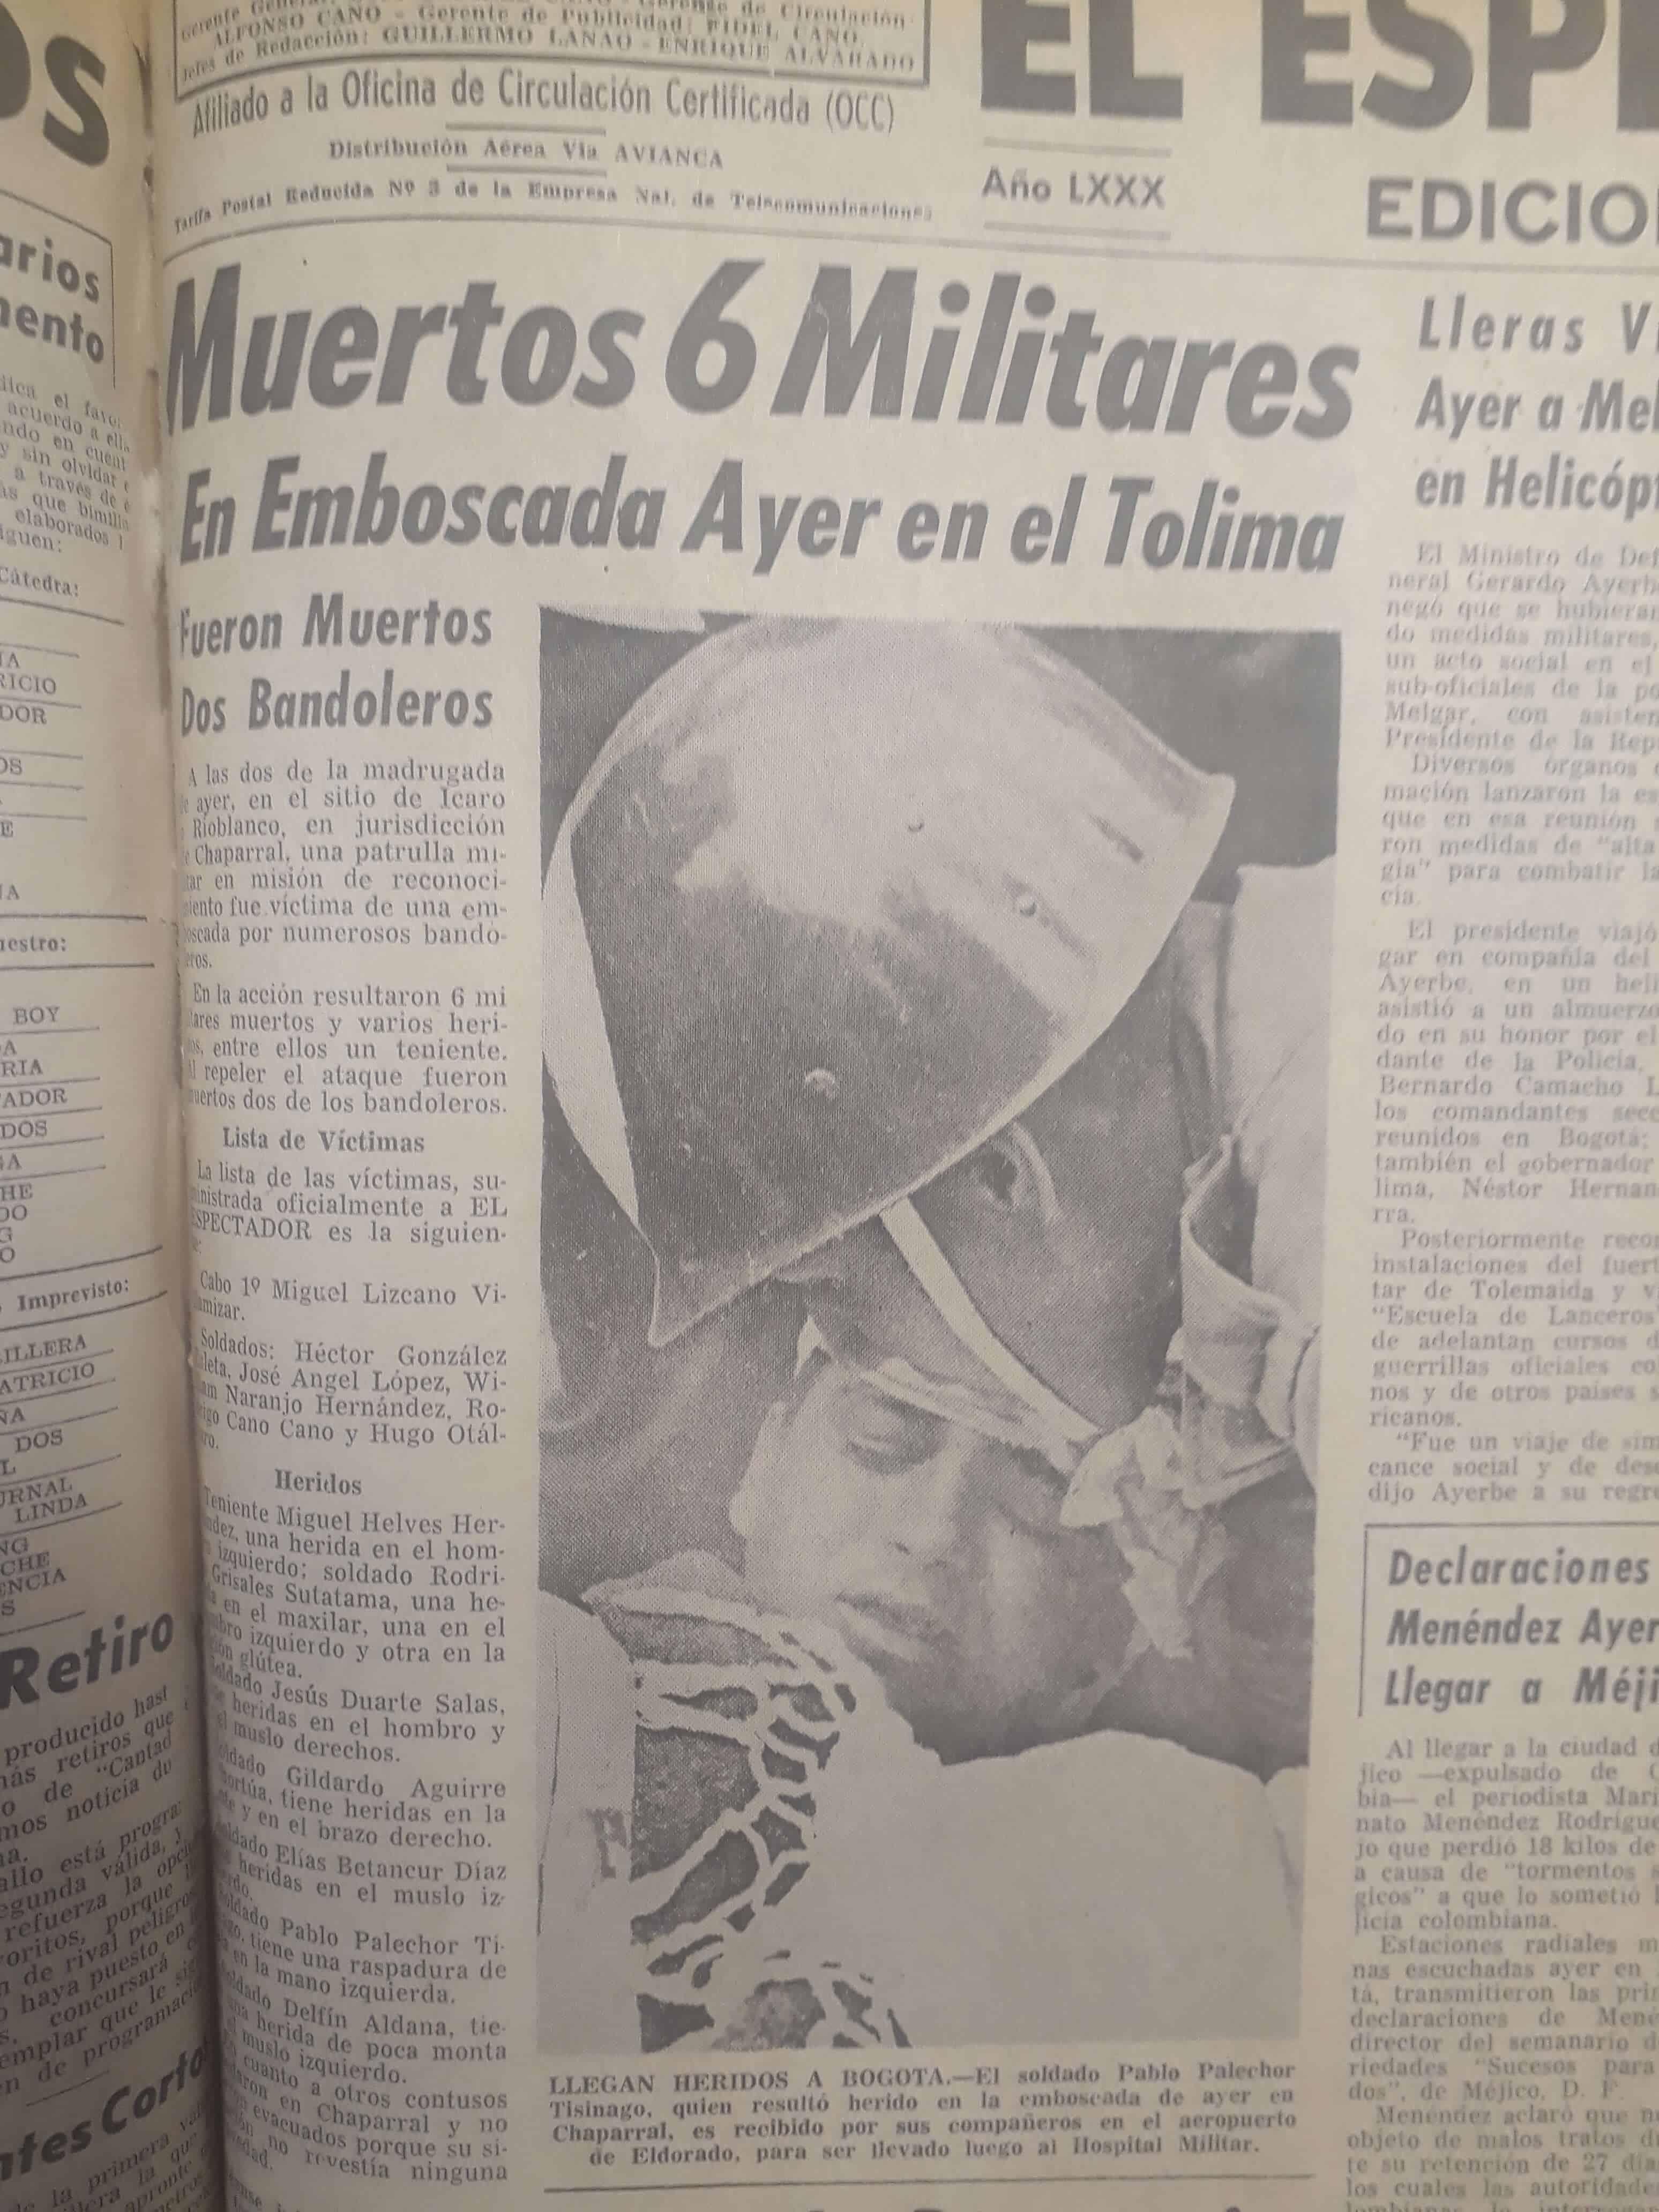 Primera página de El Espectador registrando los hechos del 22 de abril de 1967, día en que nació Jesús Abad Colorado.